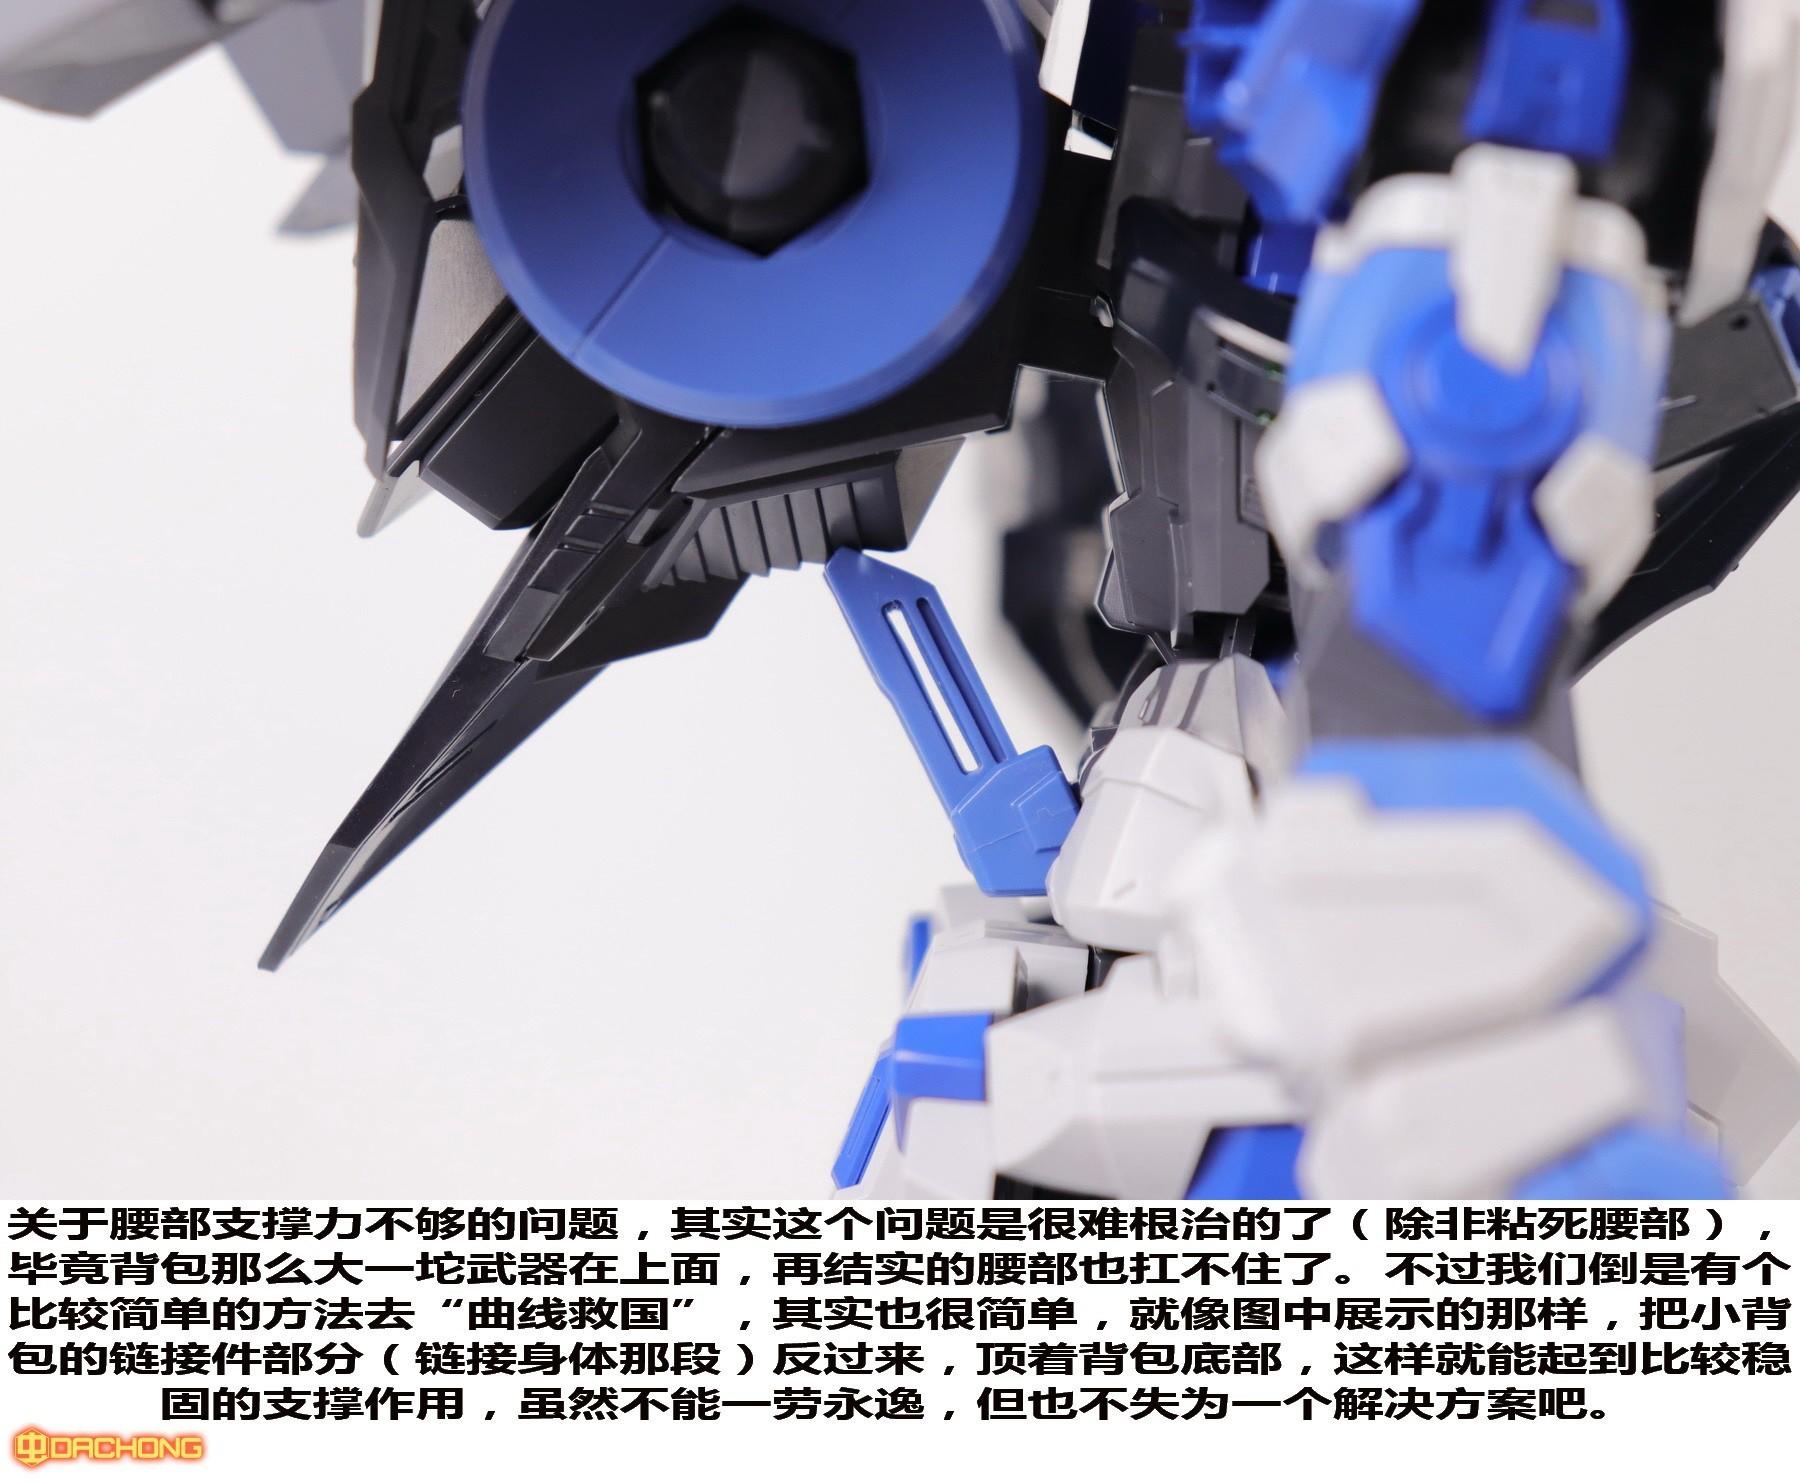 S306_blue_frame_astray_60_068.jpg